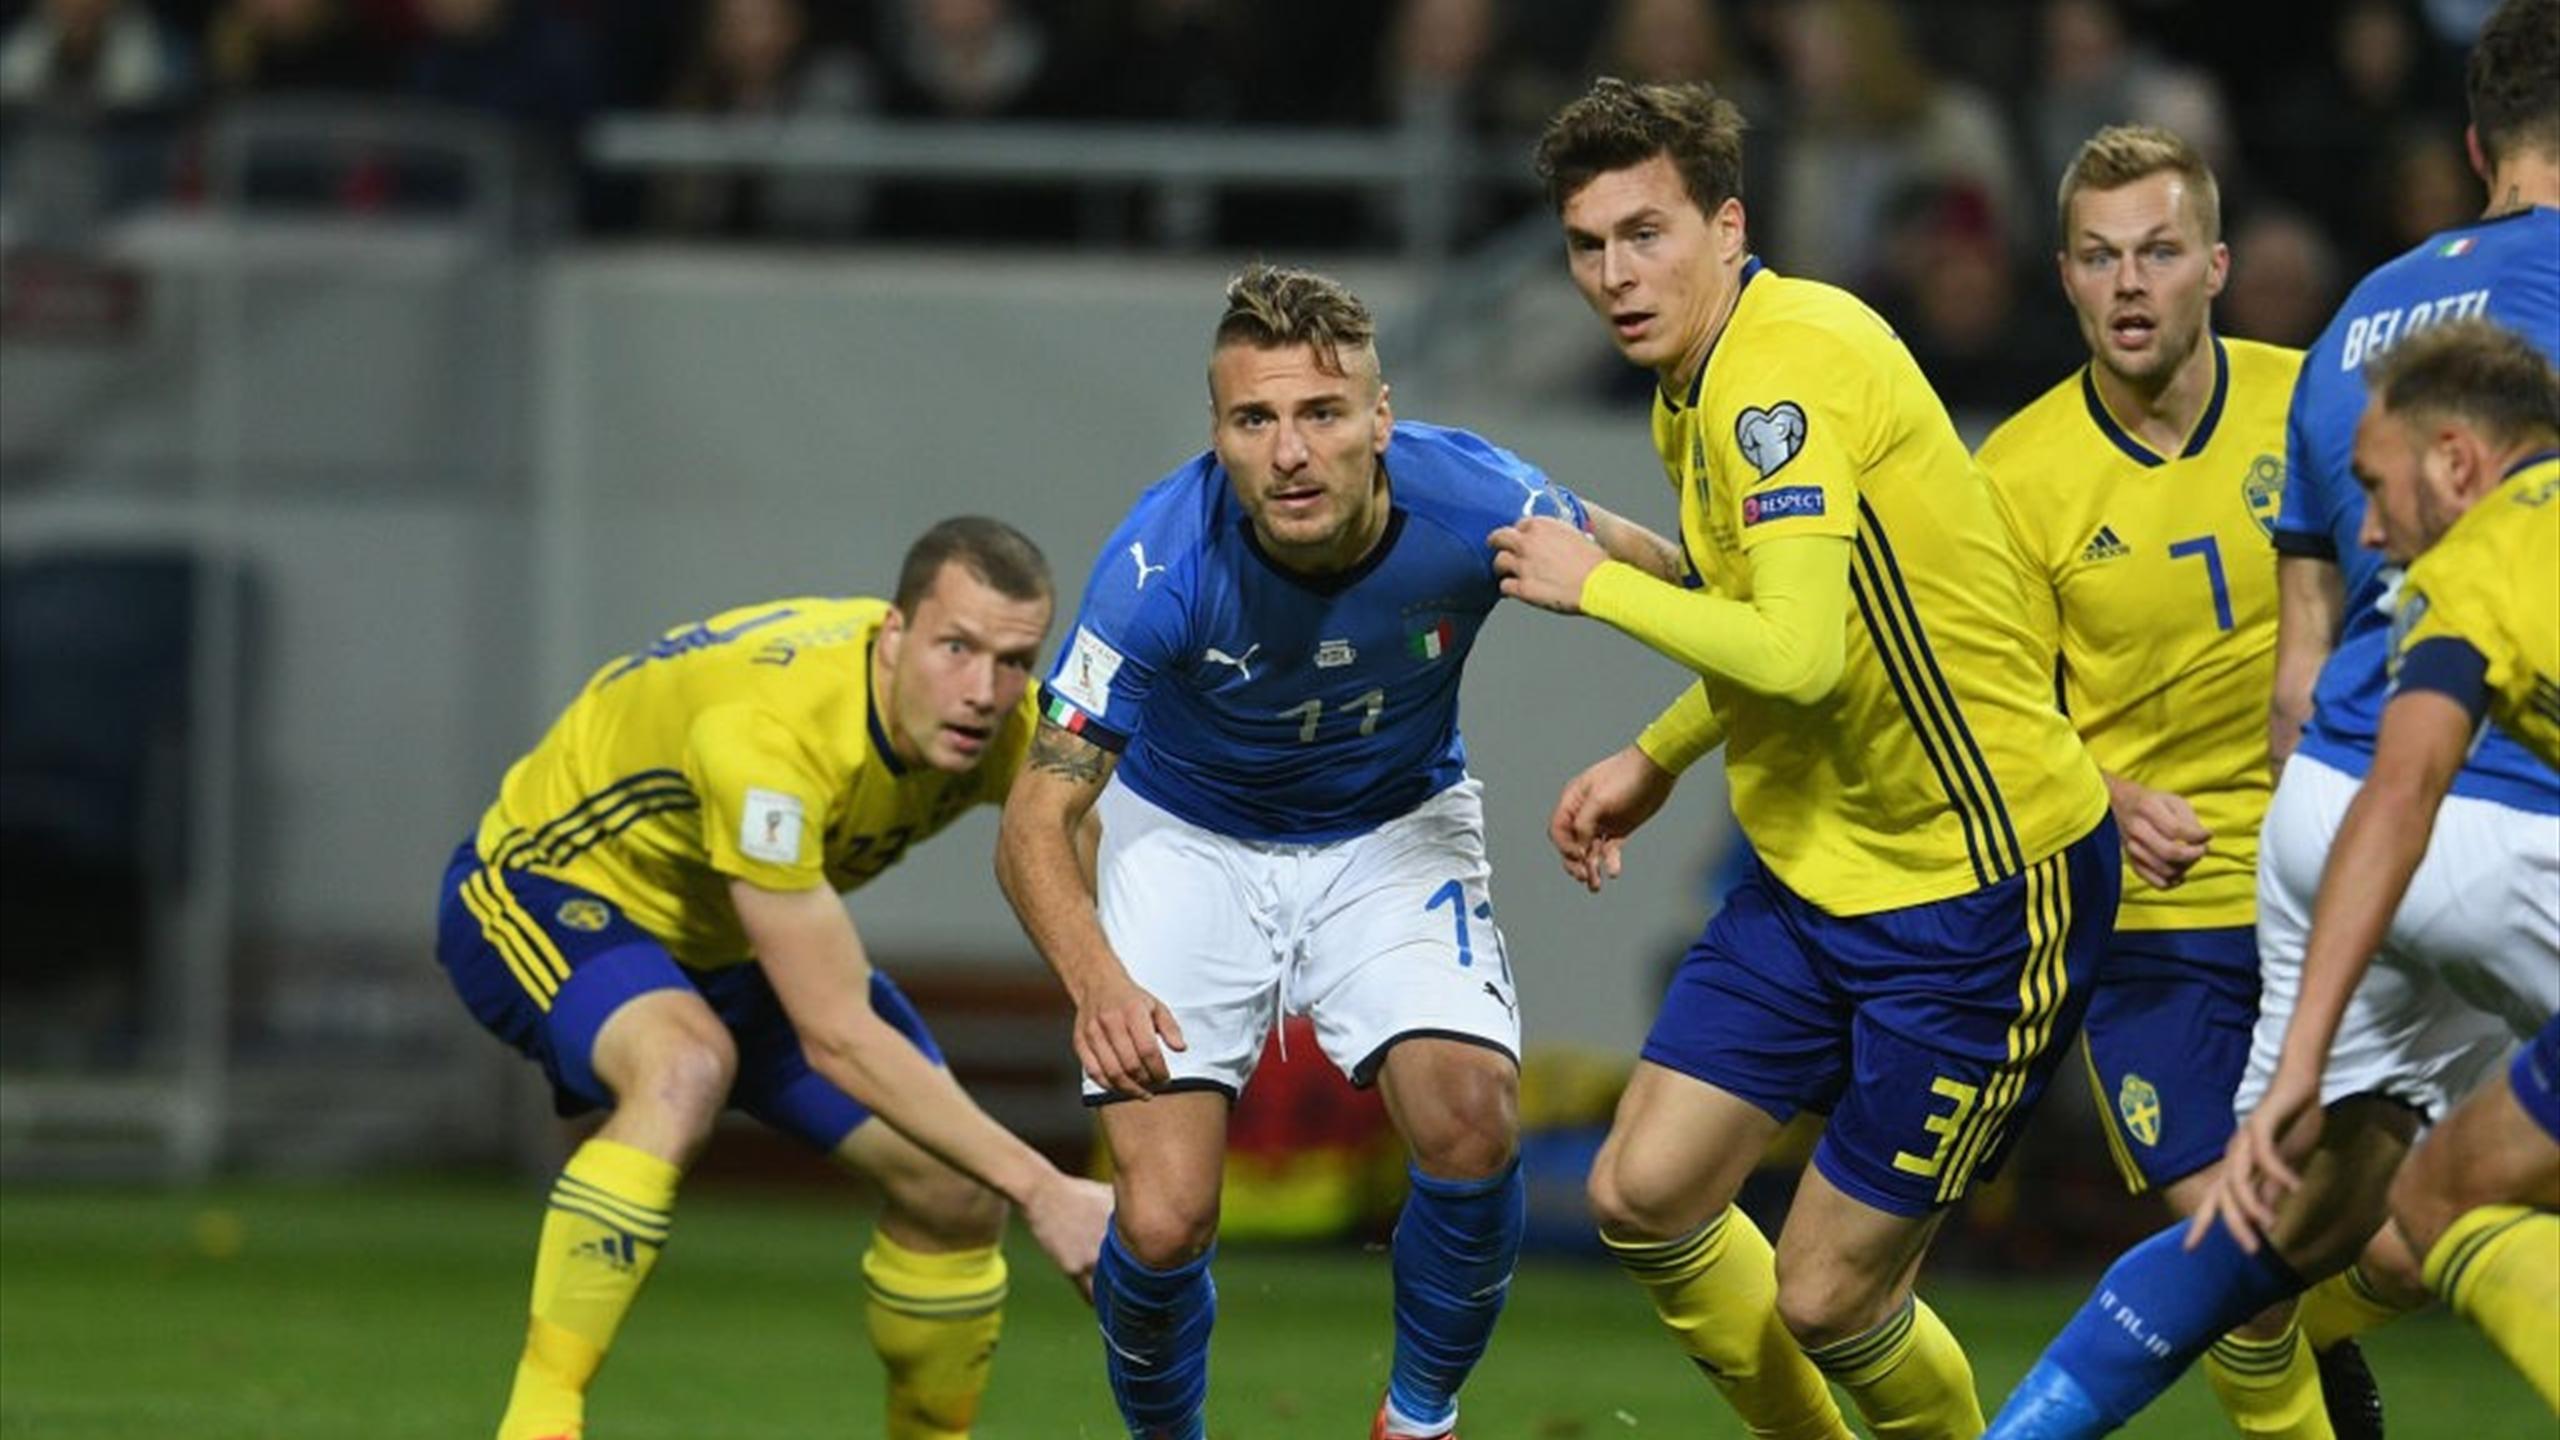 Svezia Italia In Diretta Tv E Live Streaming